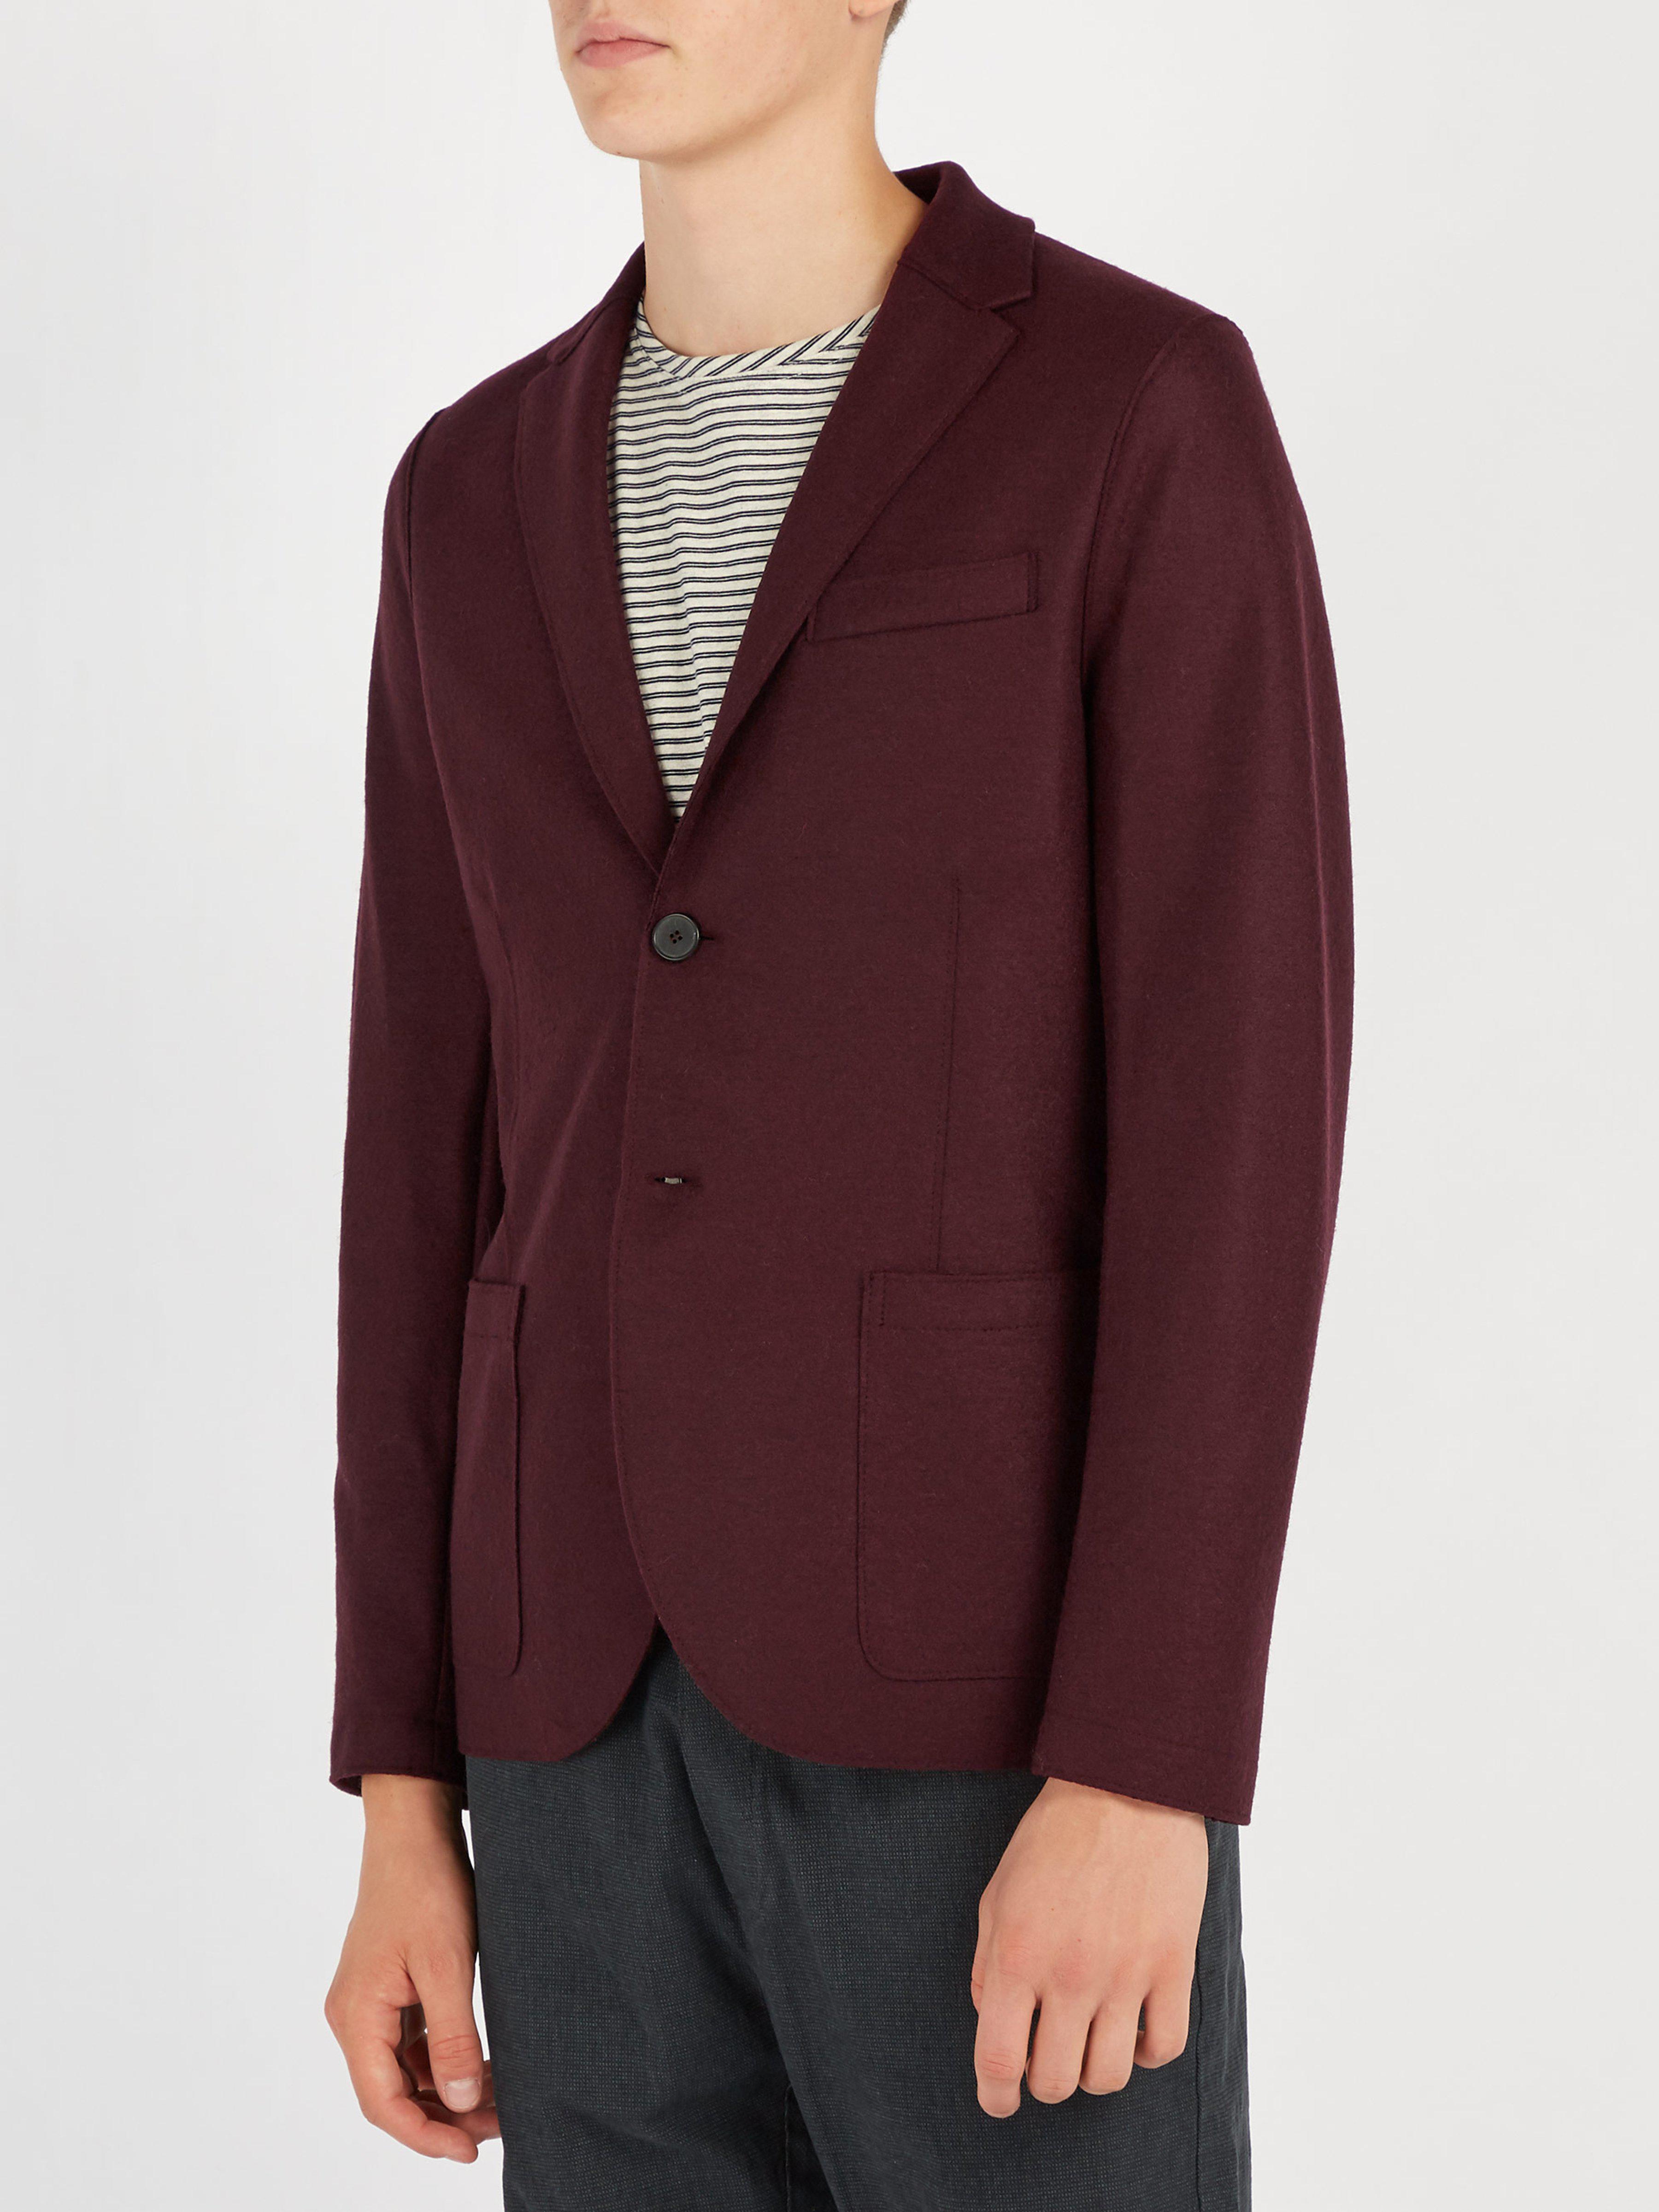 Harris Wharf London Pressed Virgin Wool Blazer in Burgundy (Purple) for Men